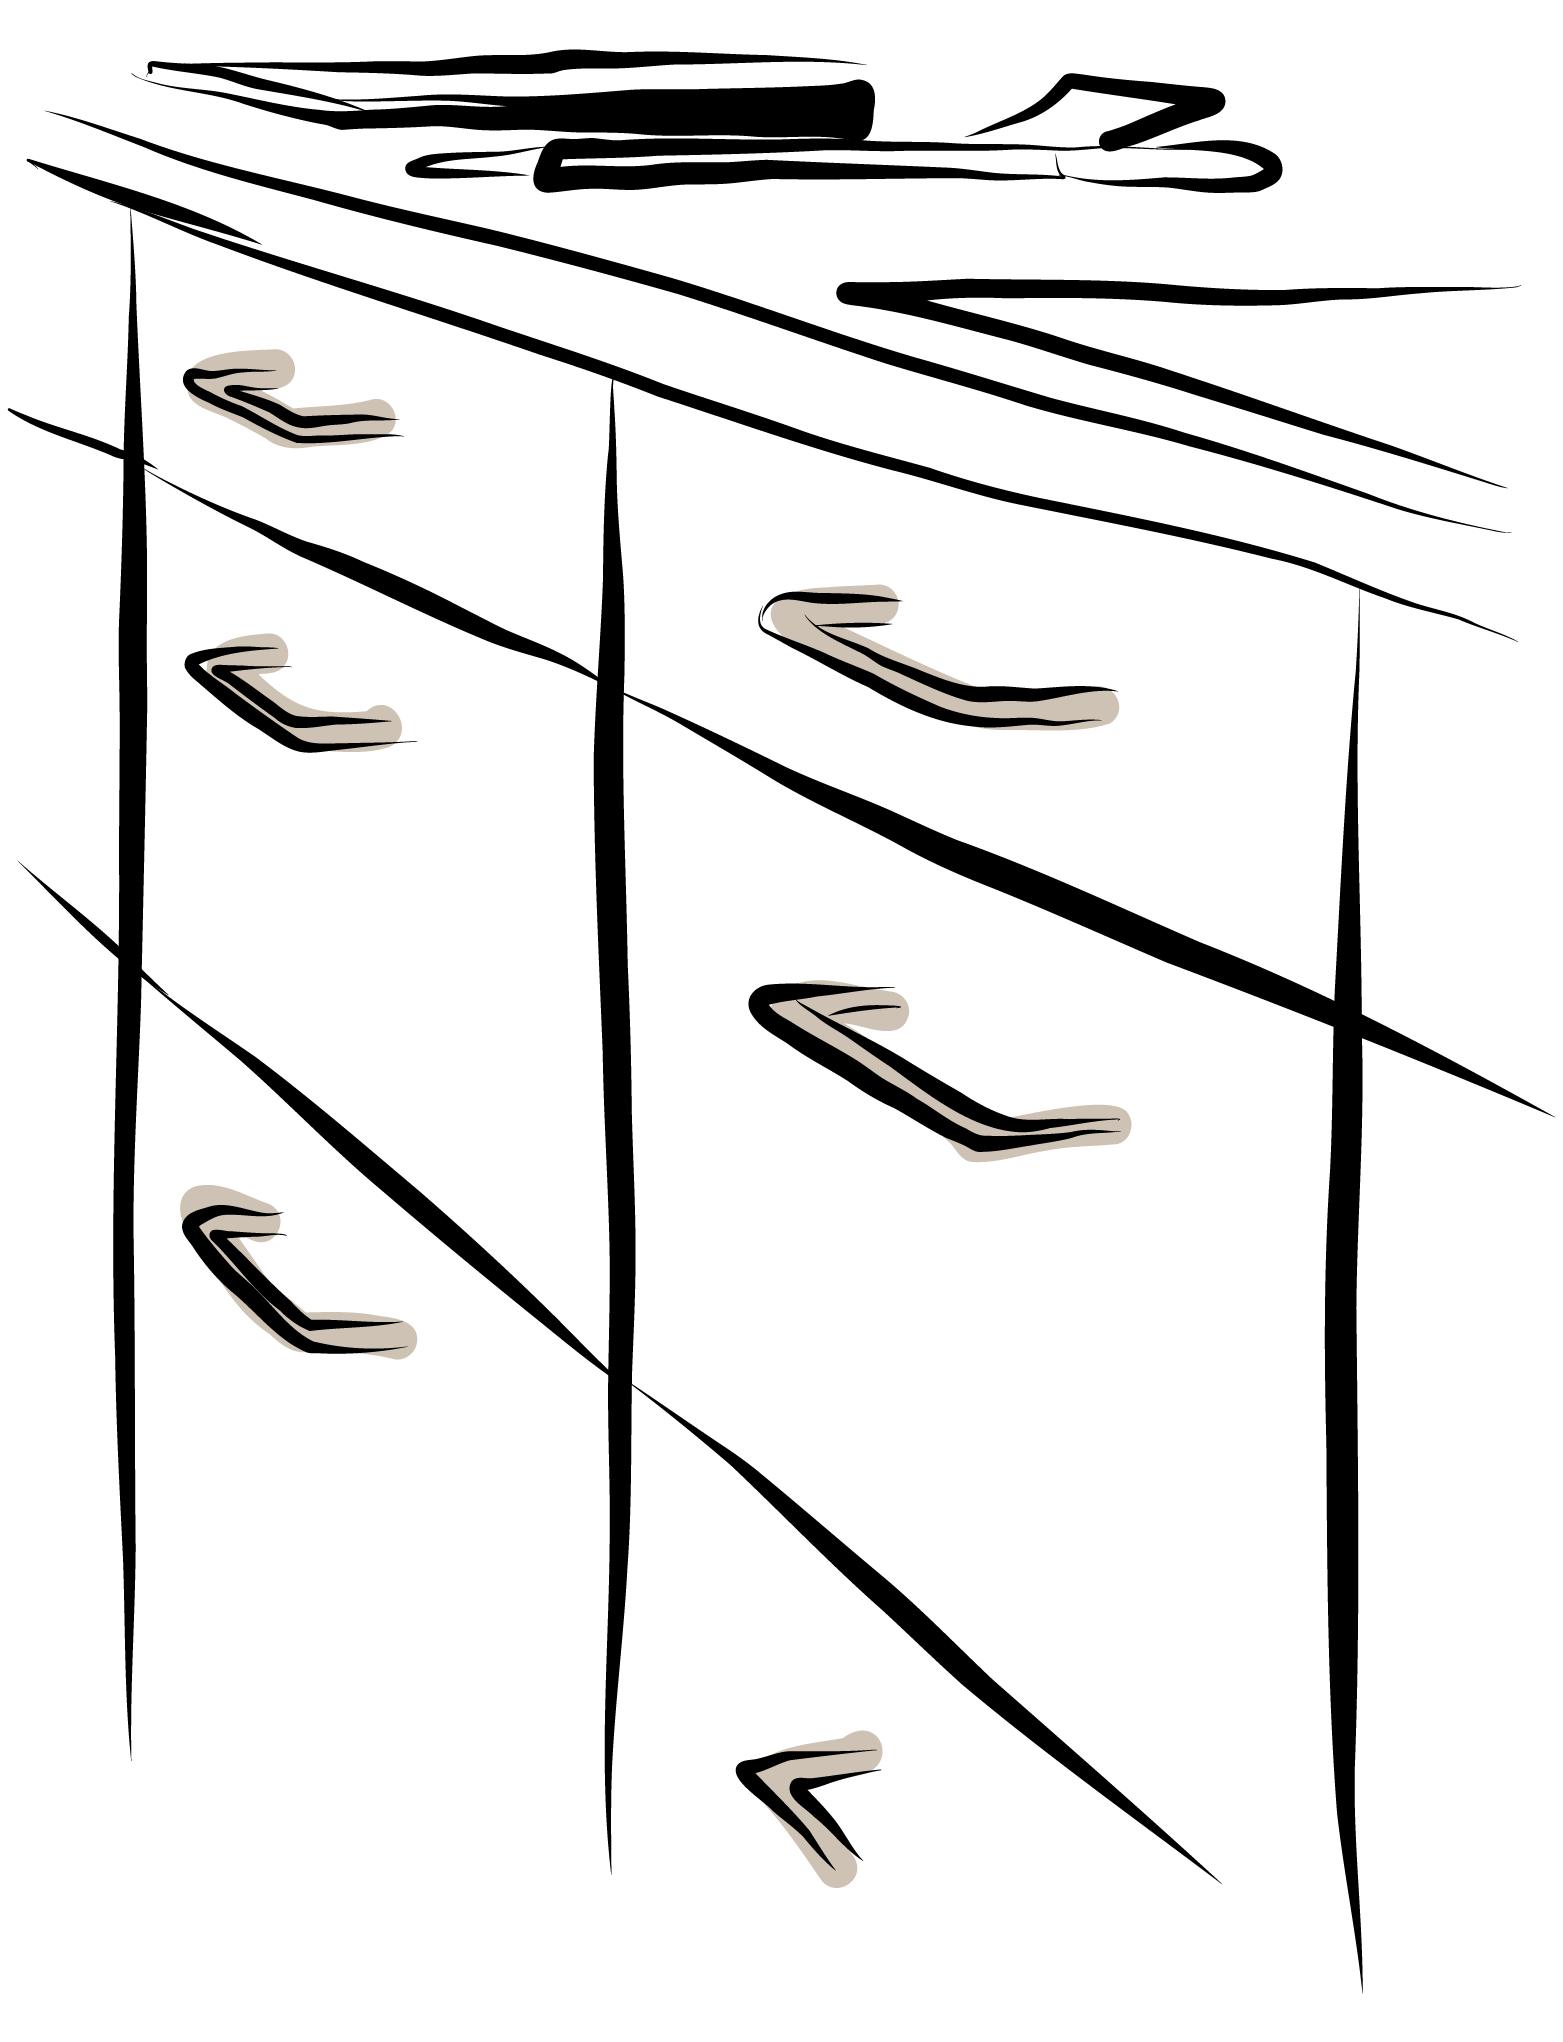 STOEAESC Website Illustrationen_Bügelgriffe